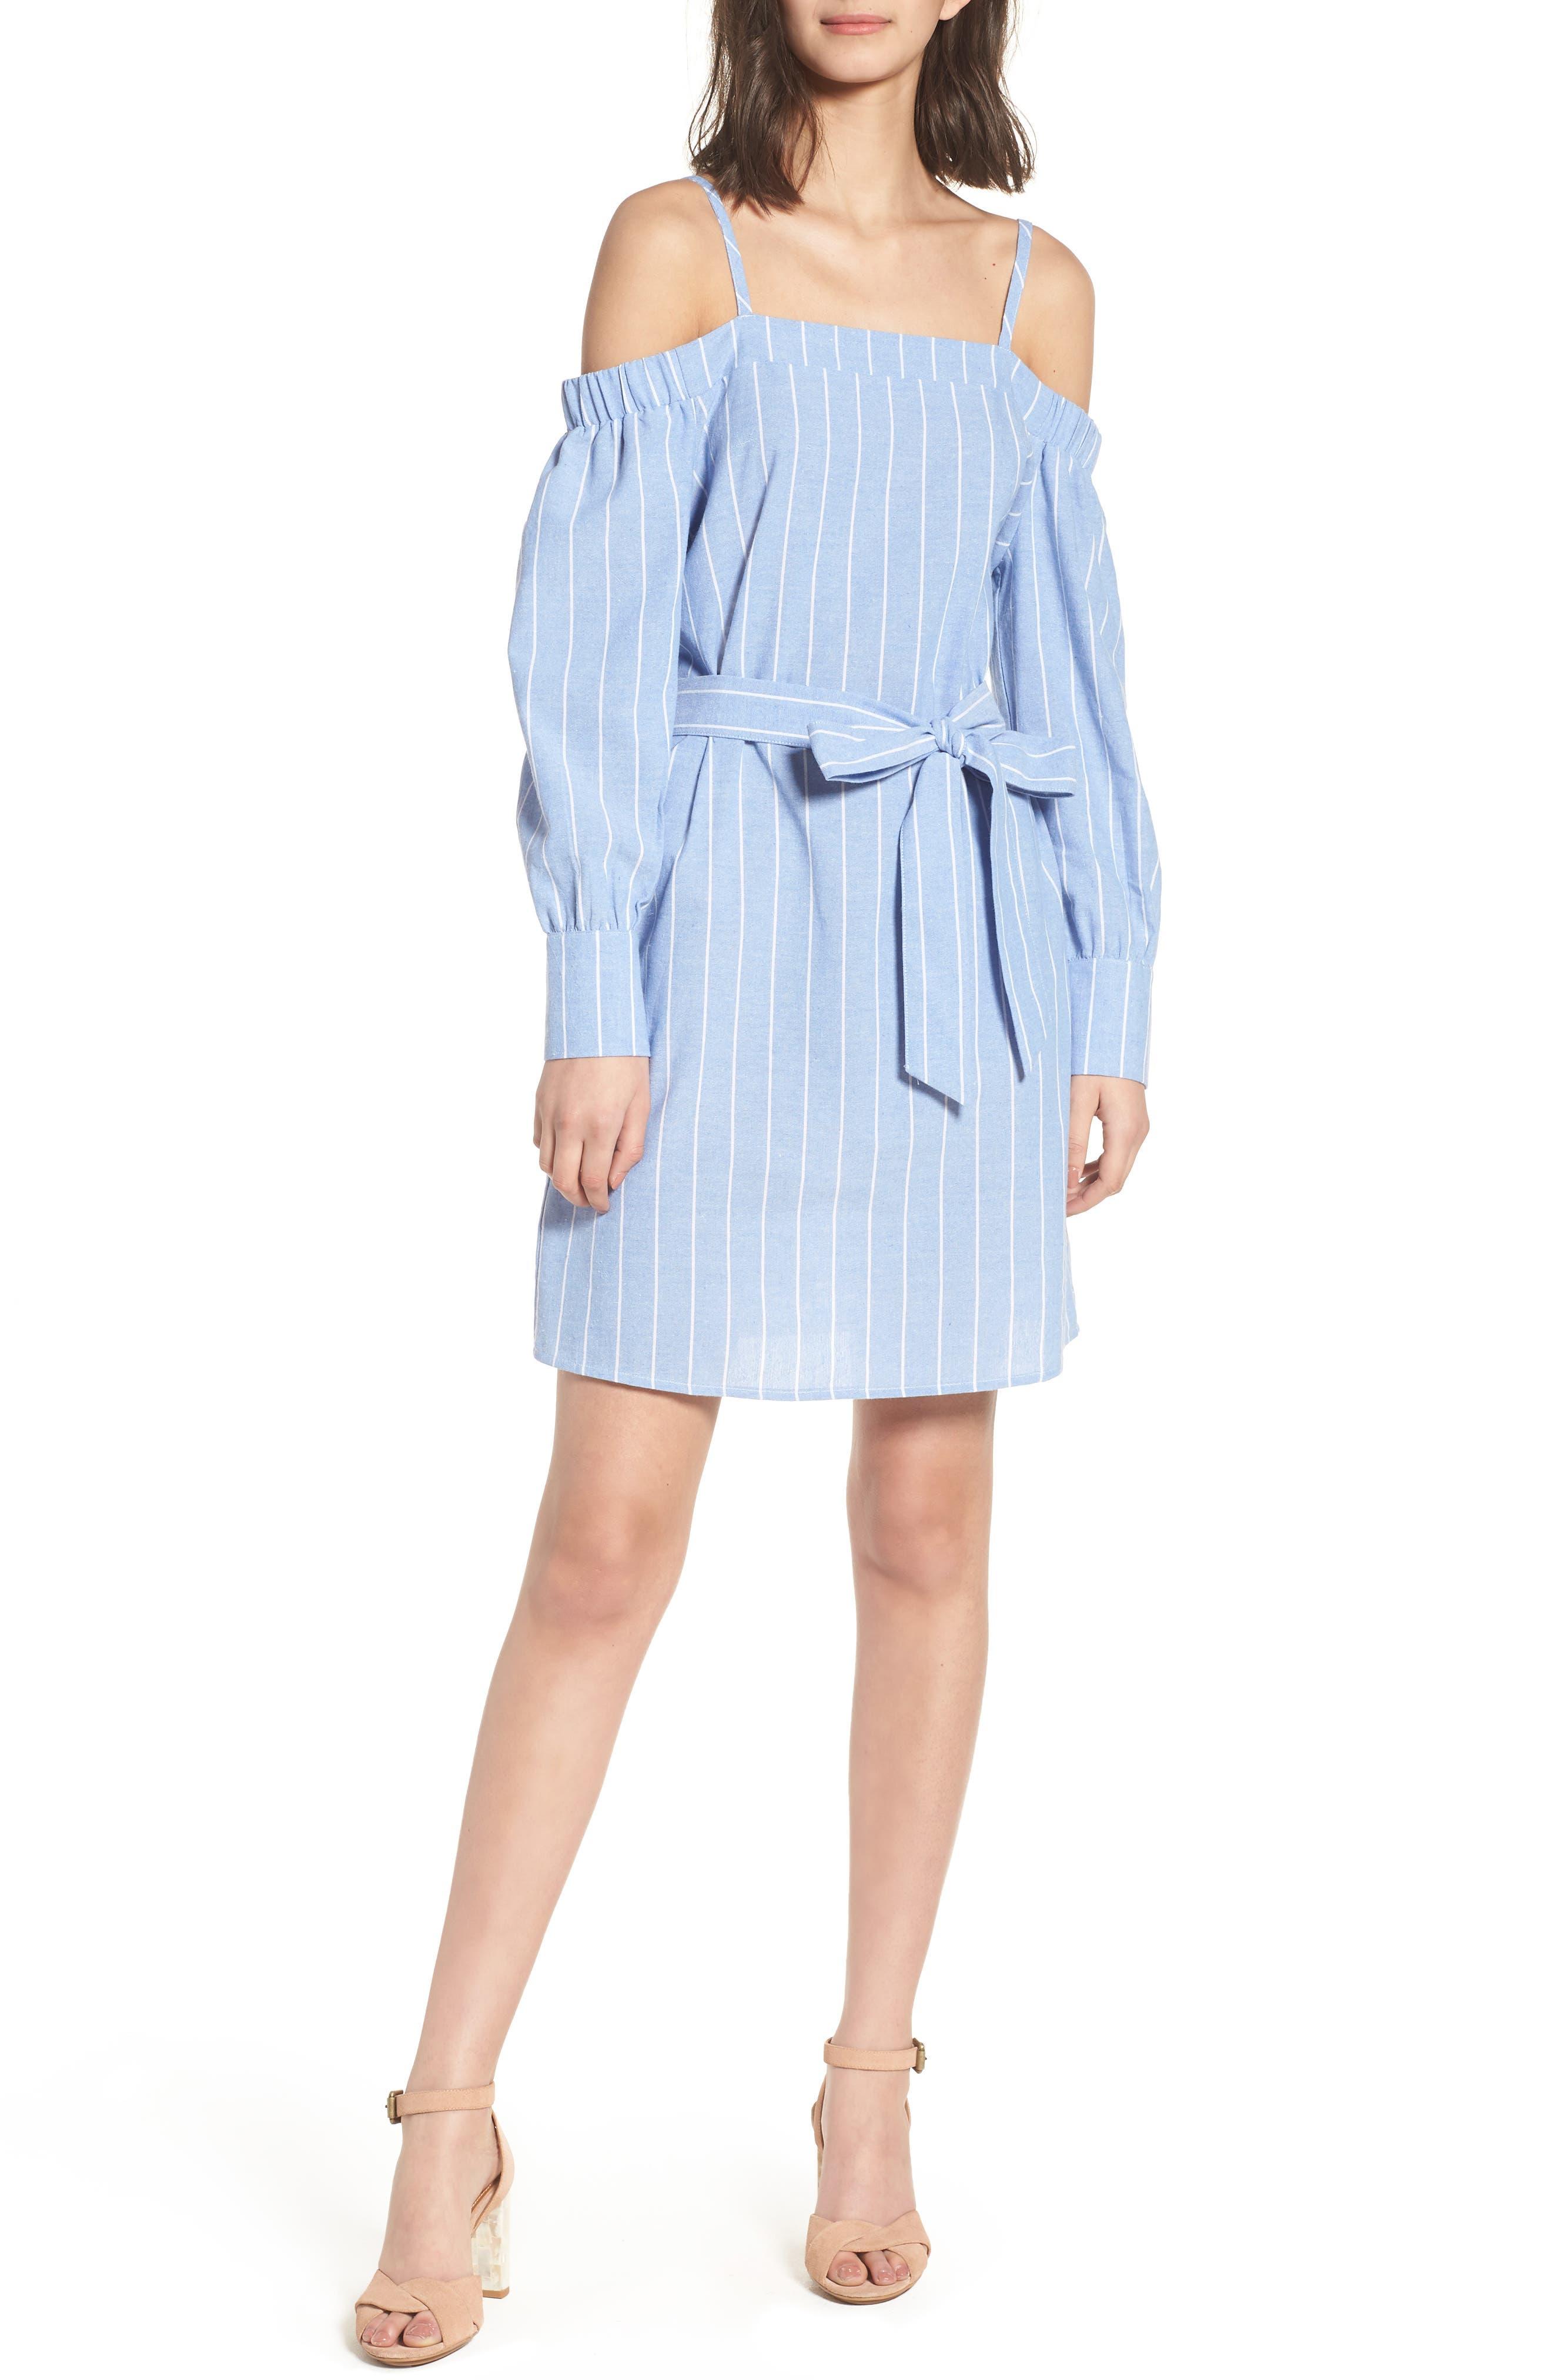 Bishop + Young Chrissy Cold Shoulder Dress,                         Main,                         color, Blue White Stripe